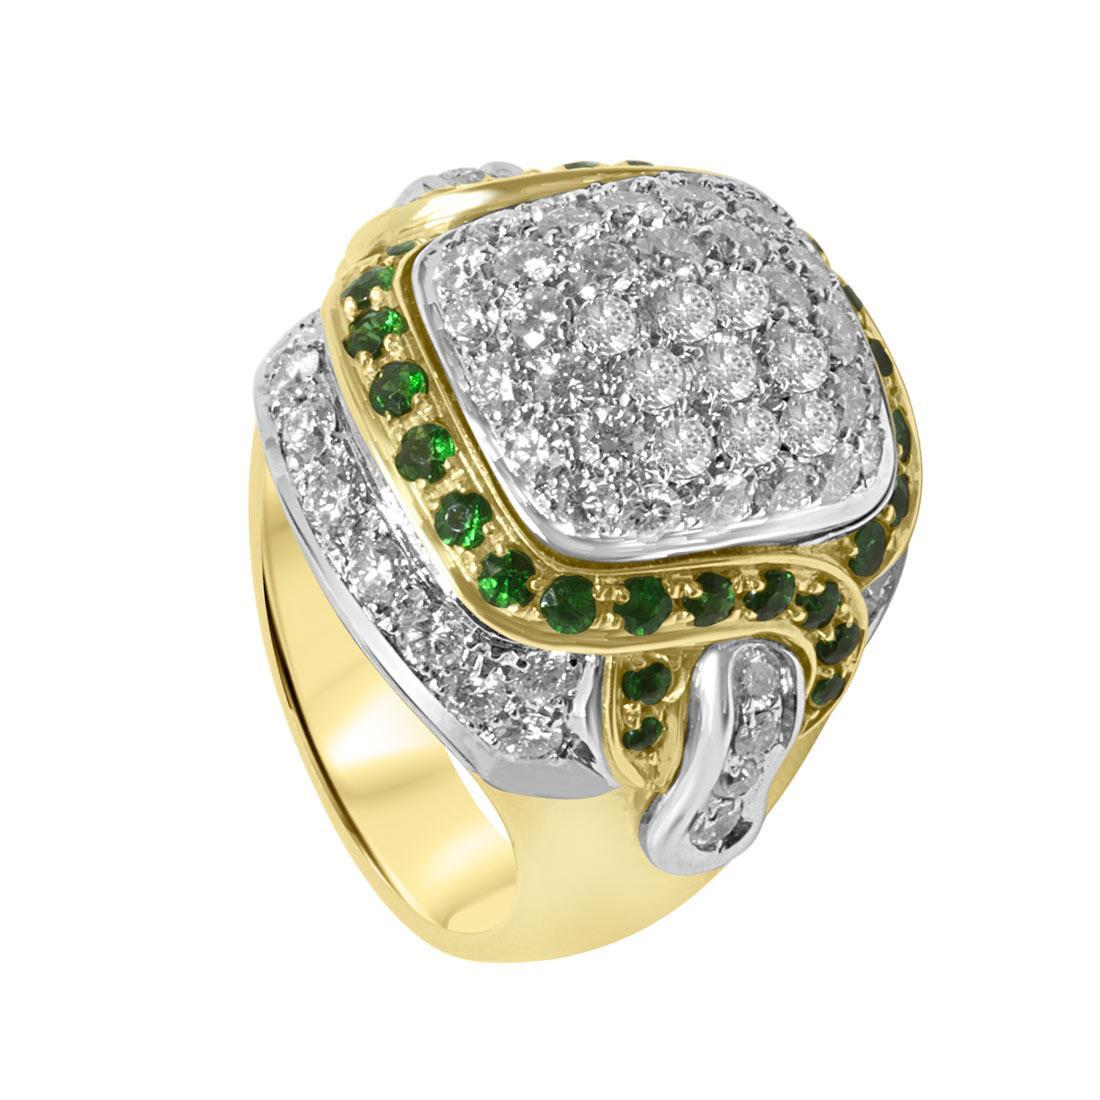 Anello in oro giallo con pavé di diamanti e smeraldi mis 17 - ORO&CO